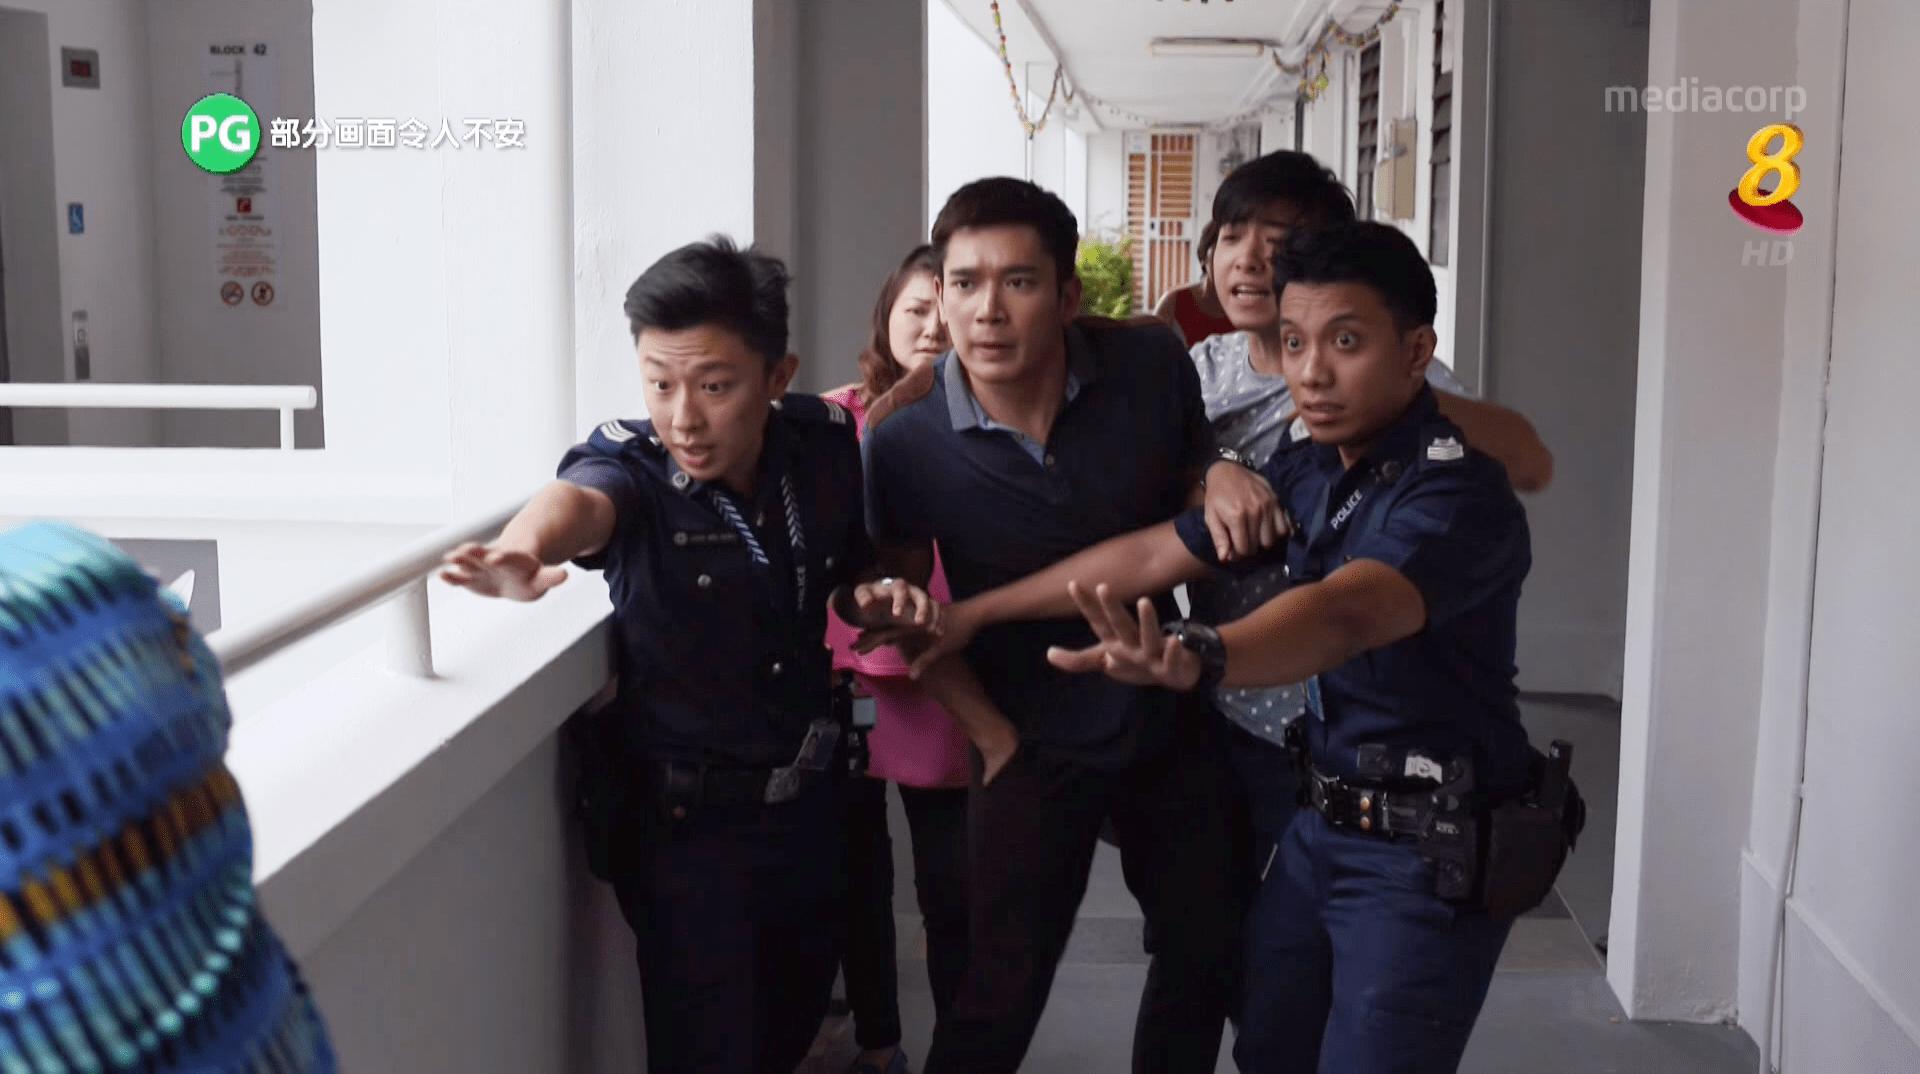 Mediacorp C.L.I.F Police TV Drama